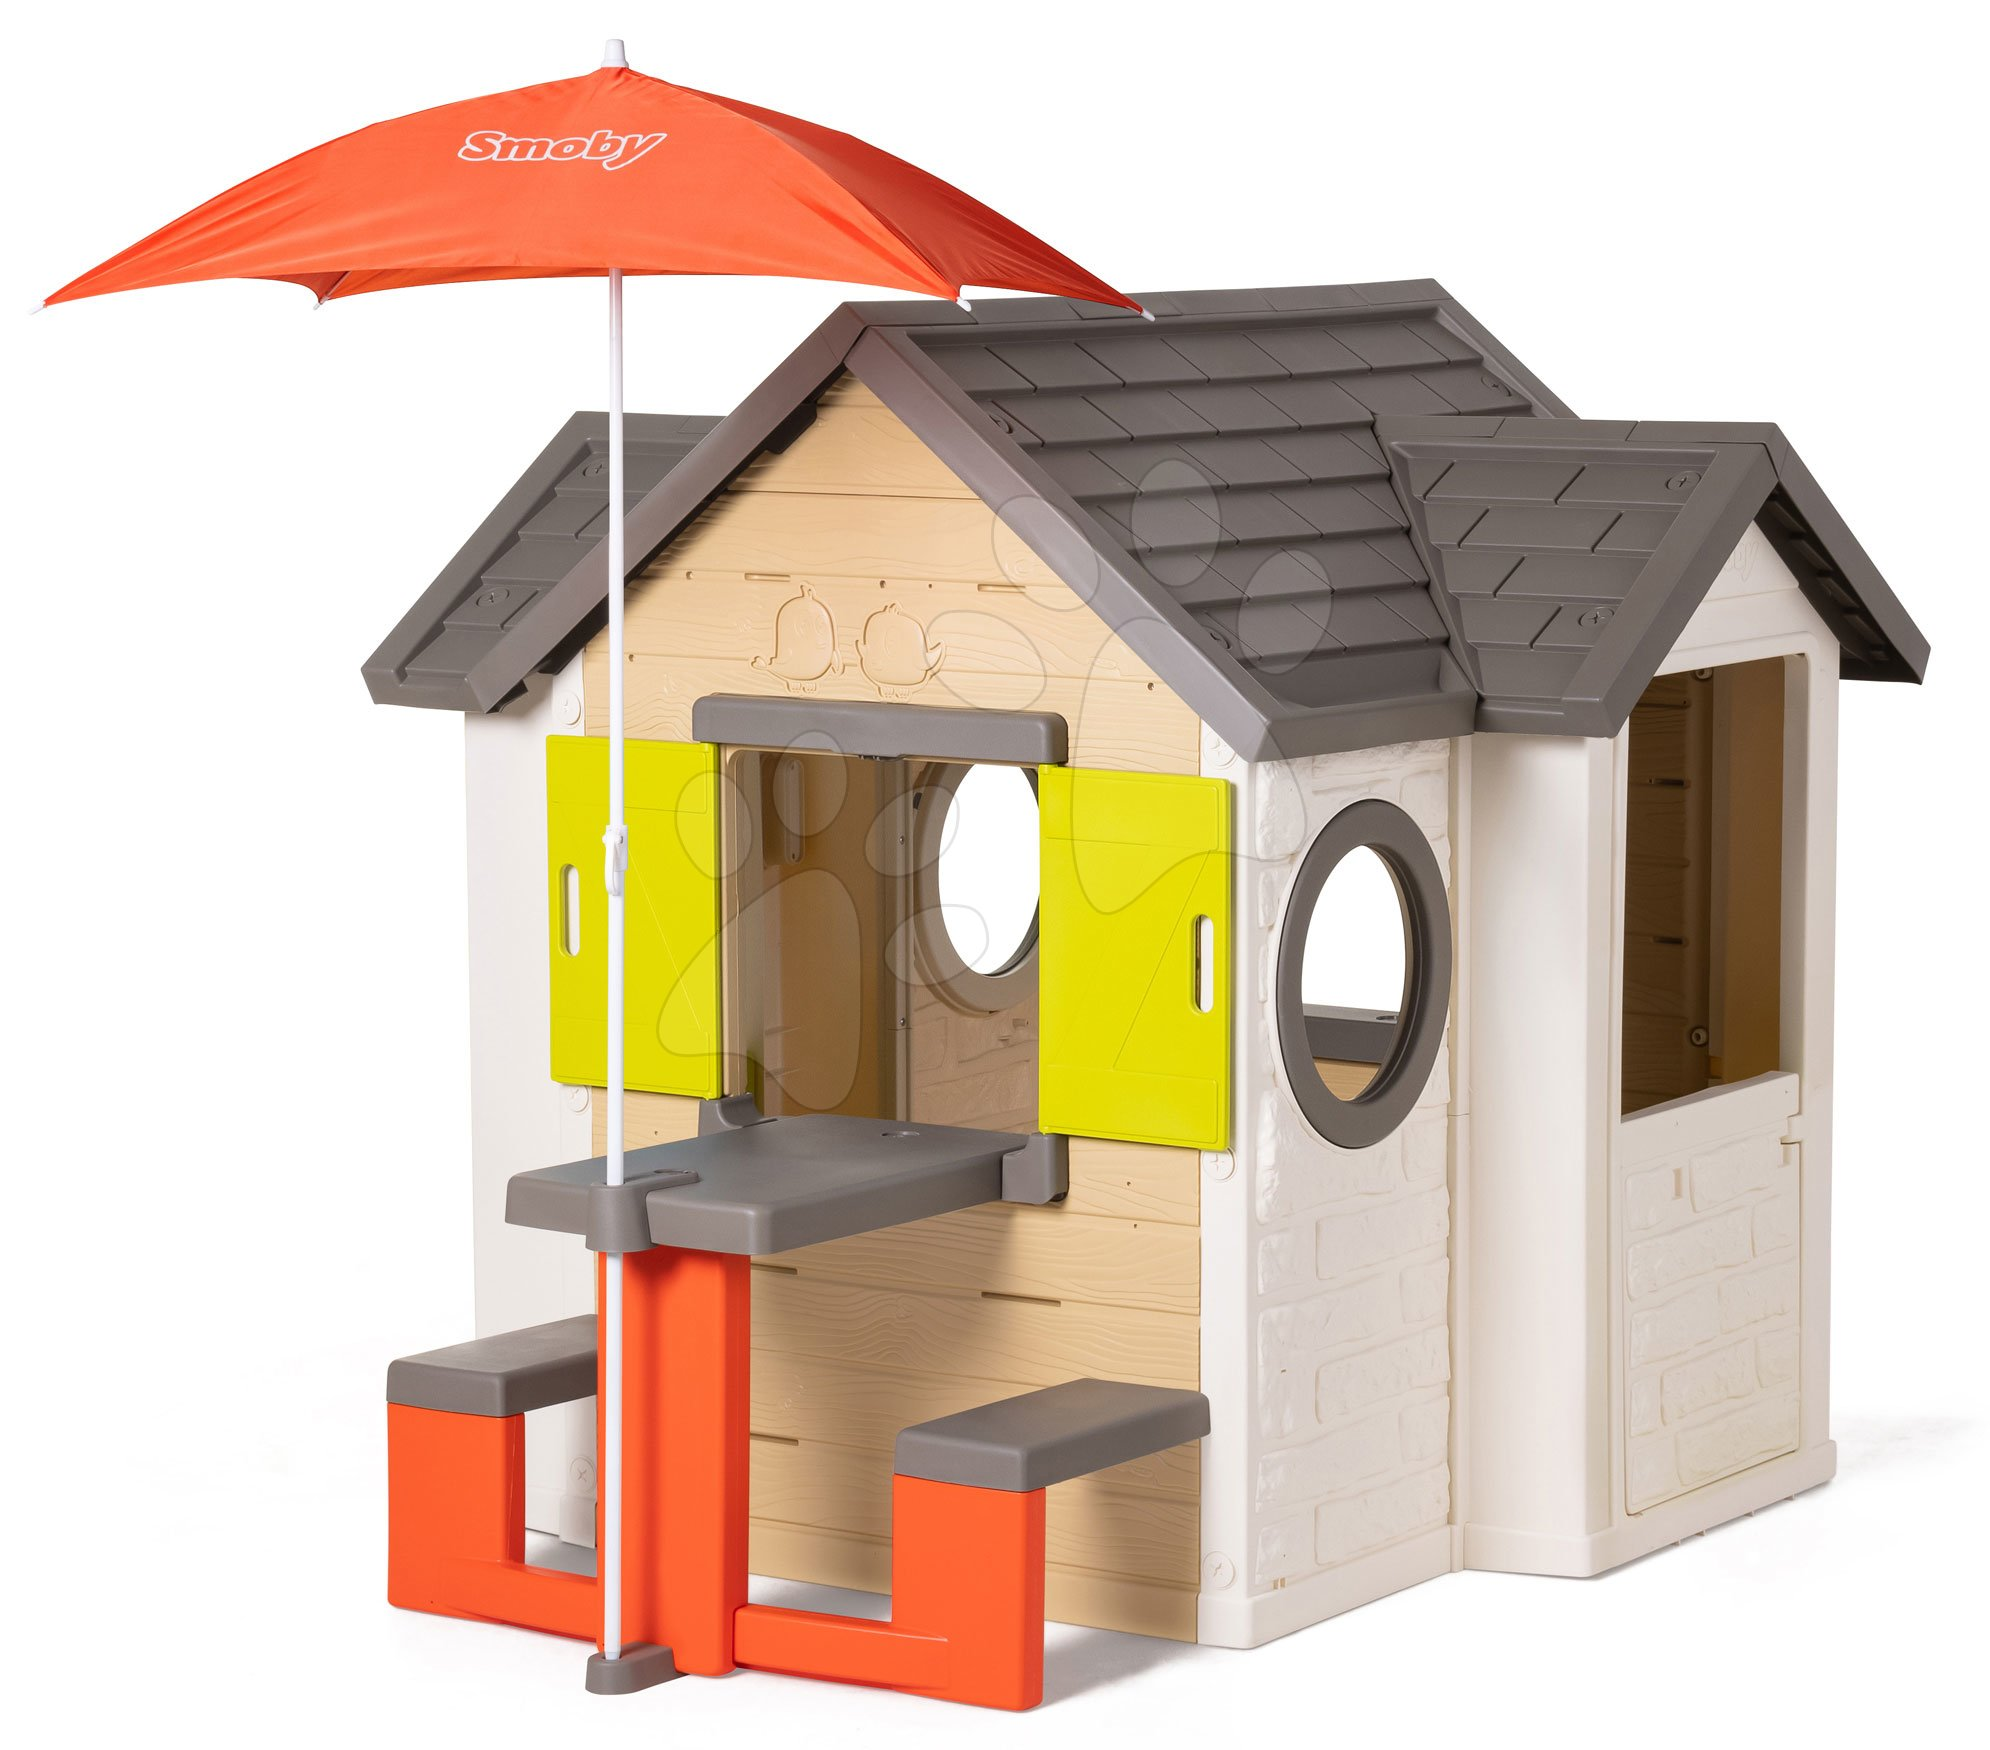 Smoby detský domček My House s dverami, zvončekom a stolík 810401